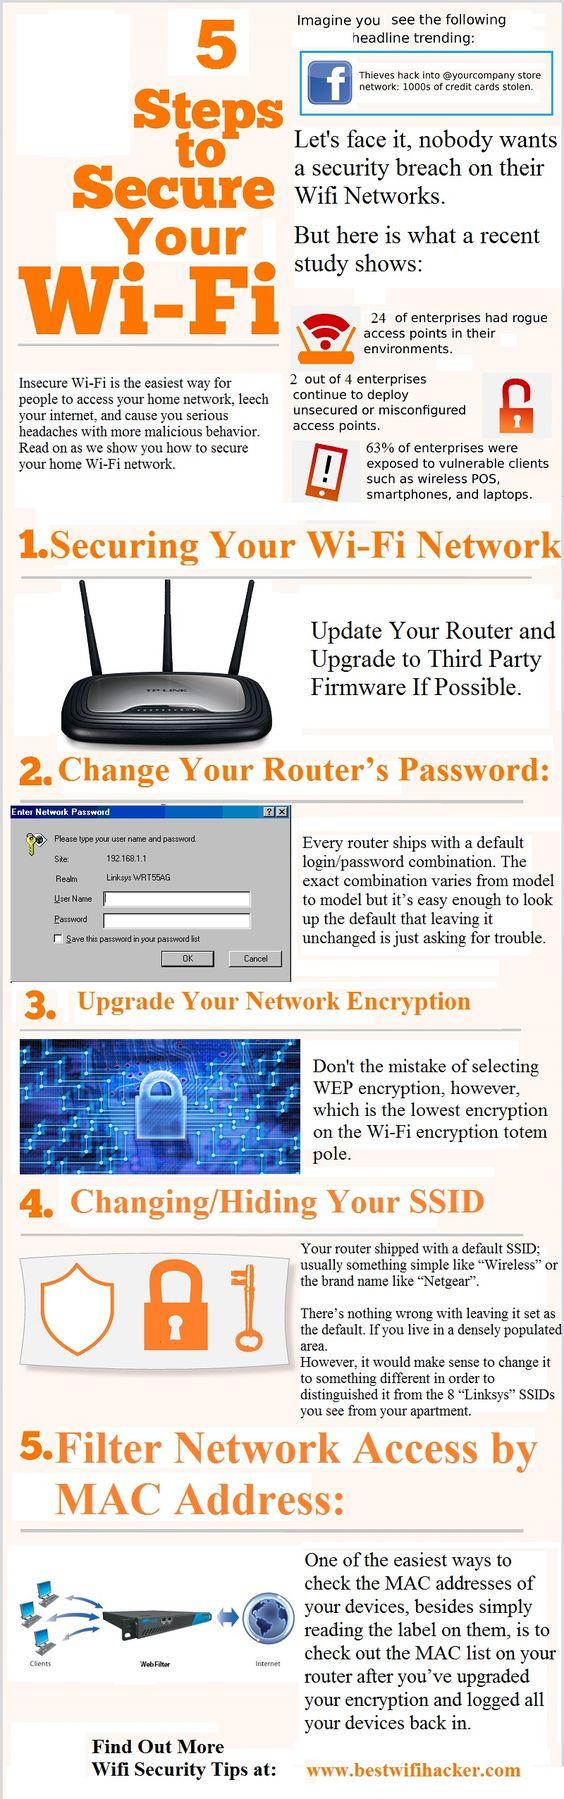 wifi-security.jpg 800×2,552 pixels